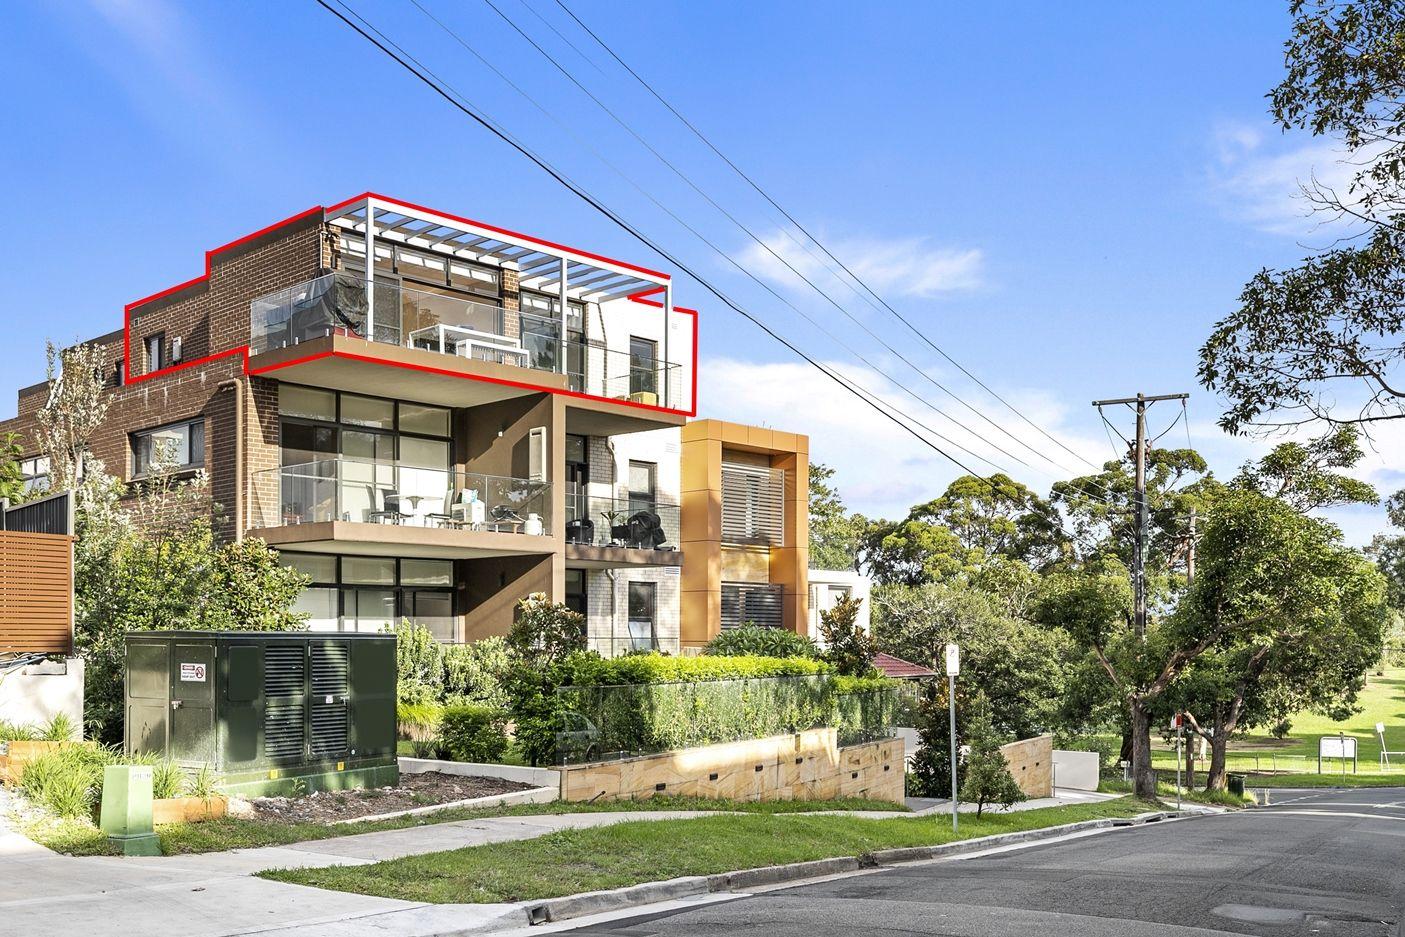 12/15-17 Pearce Avenue, Peakhurst NSW 2210, Image 0